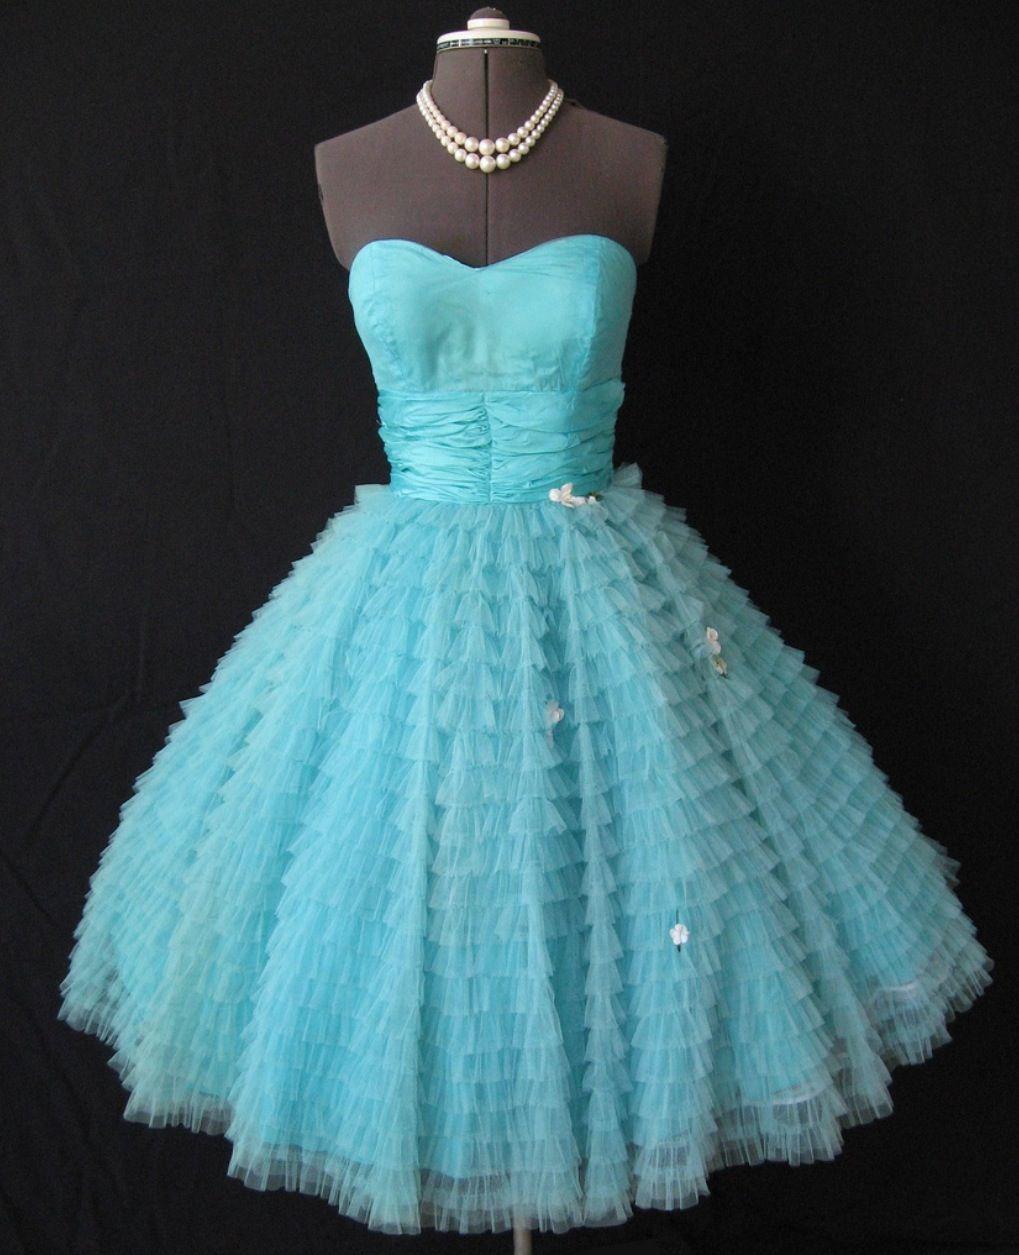 Beautiful dress us n early us pinterest caribbean